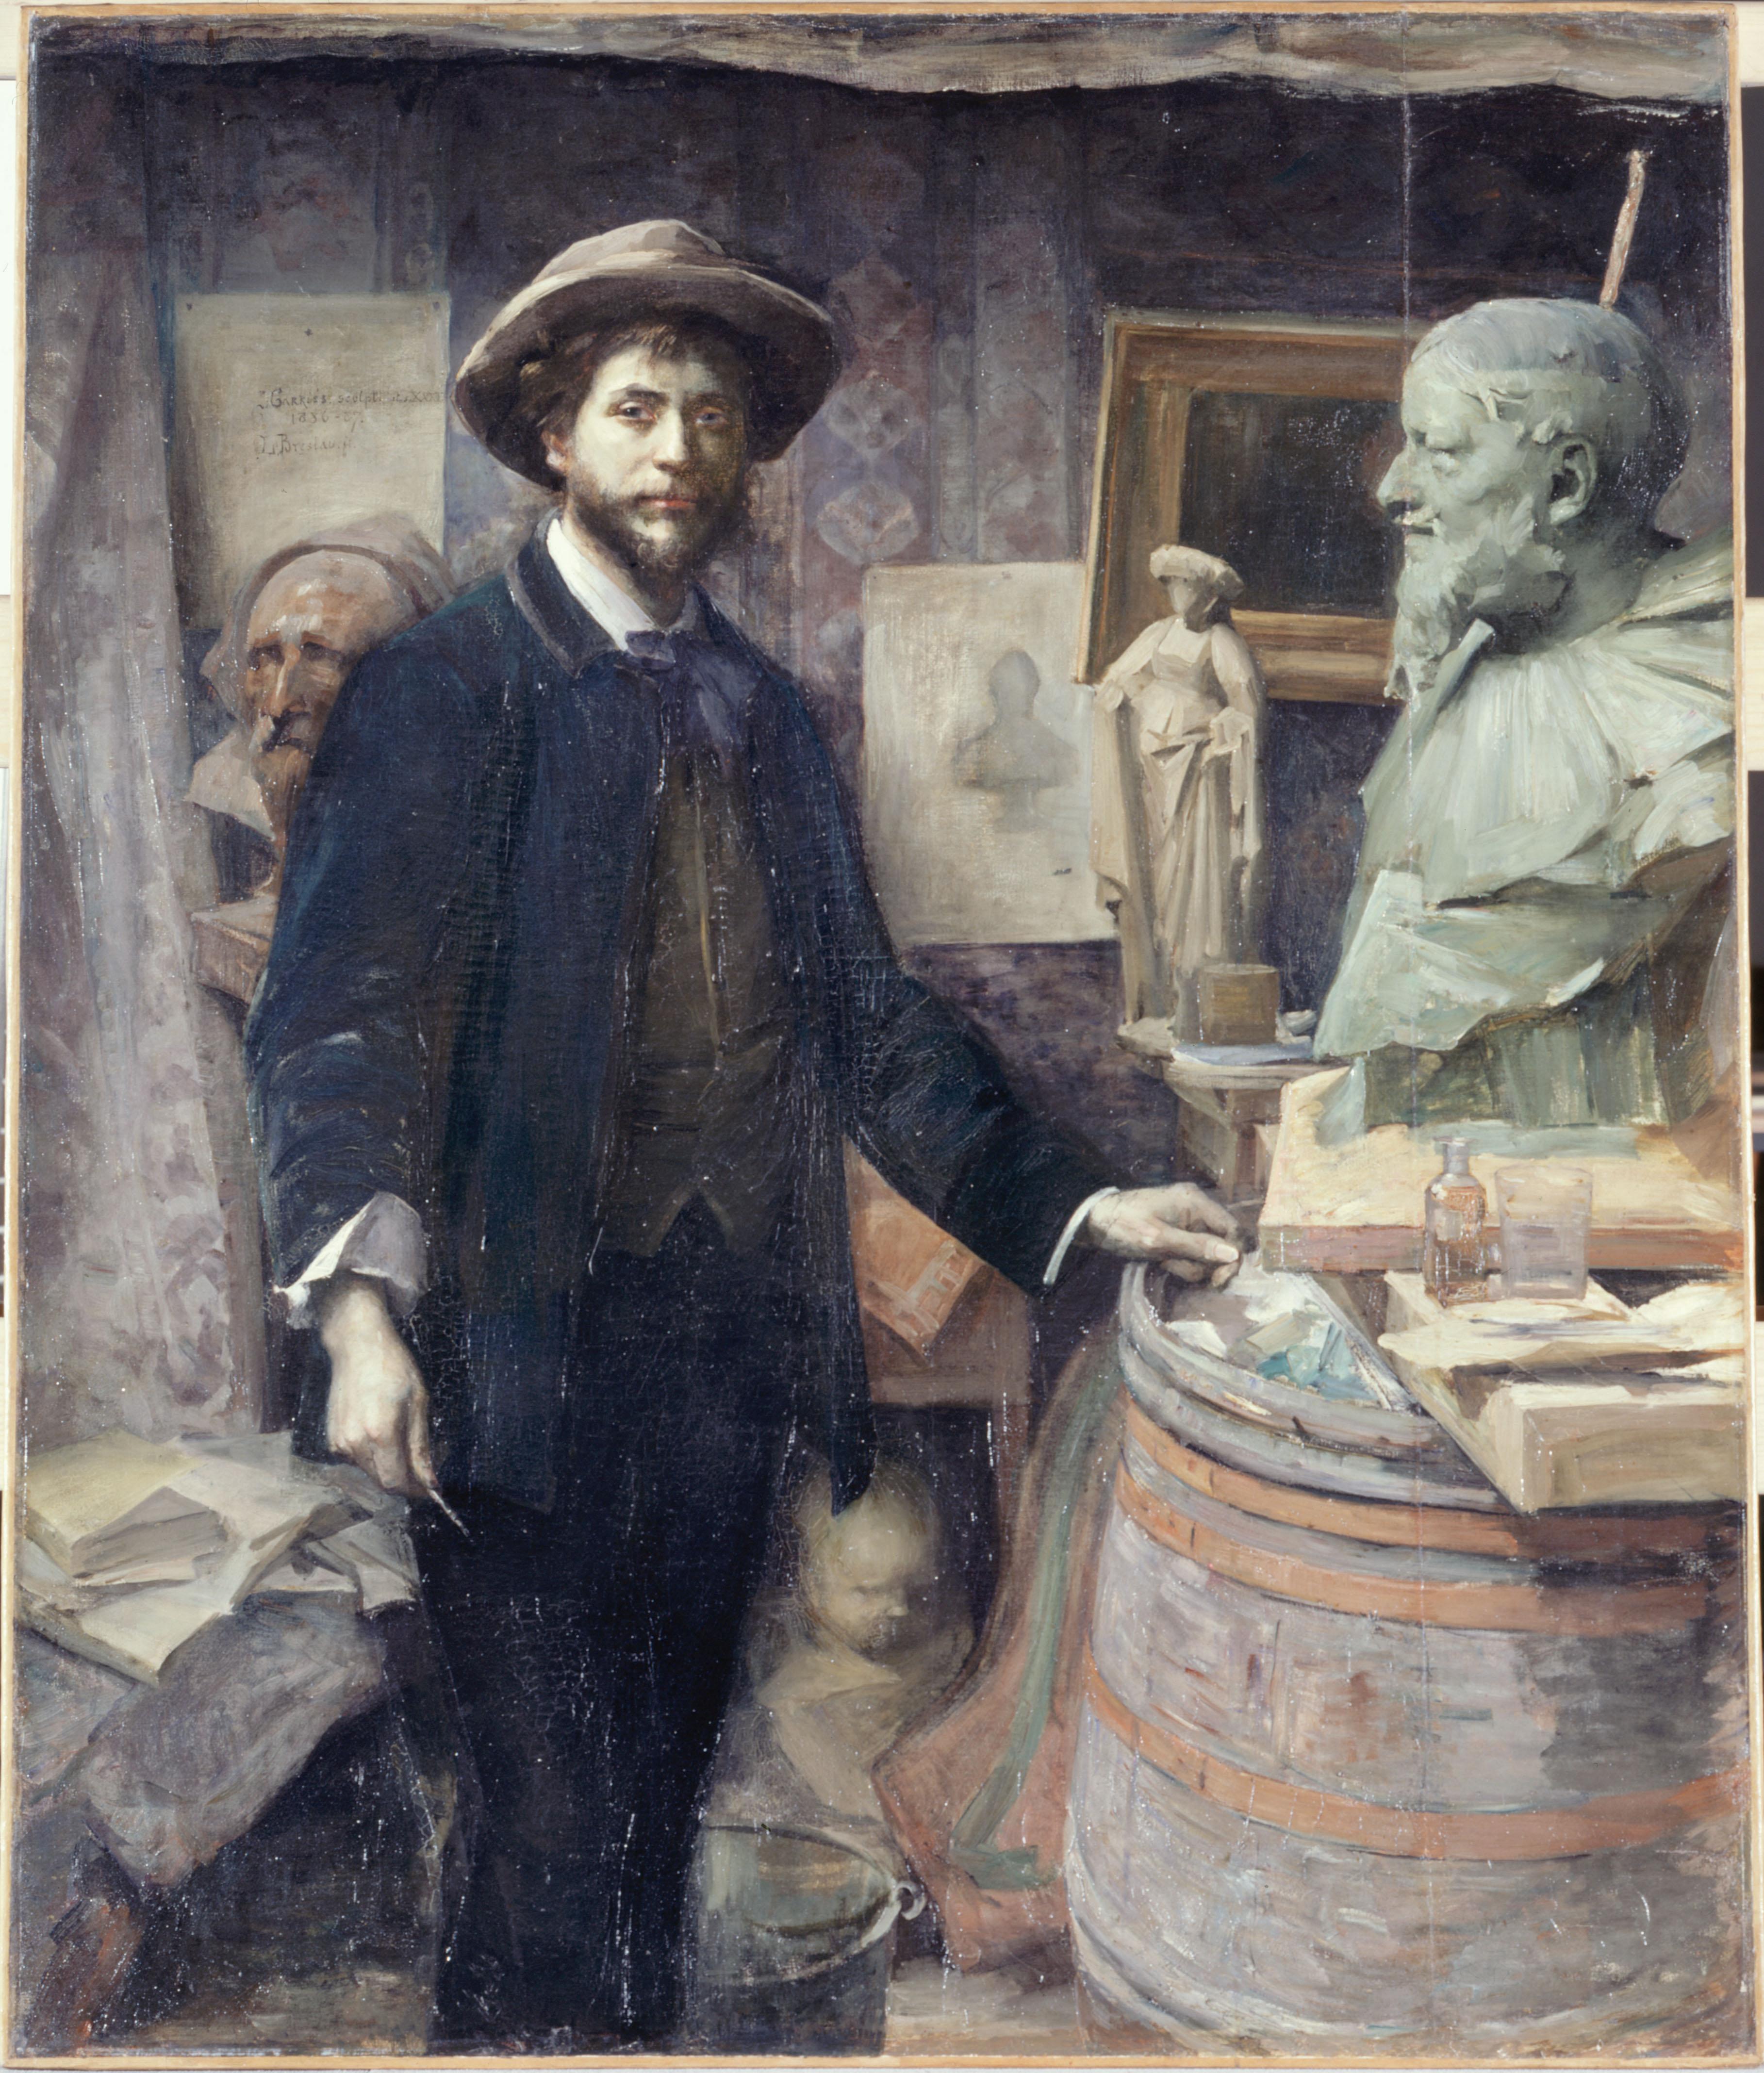 Portrait de Carriès dans son atelier par Louise Catherine Breslau, 1885-1886 Huile sur toile - 165 x 139 cm - Paris, Petit Palais